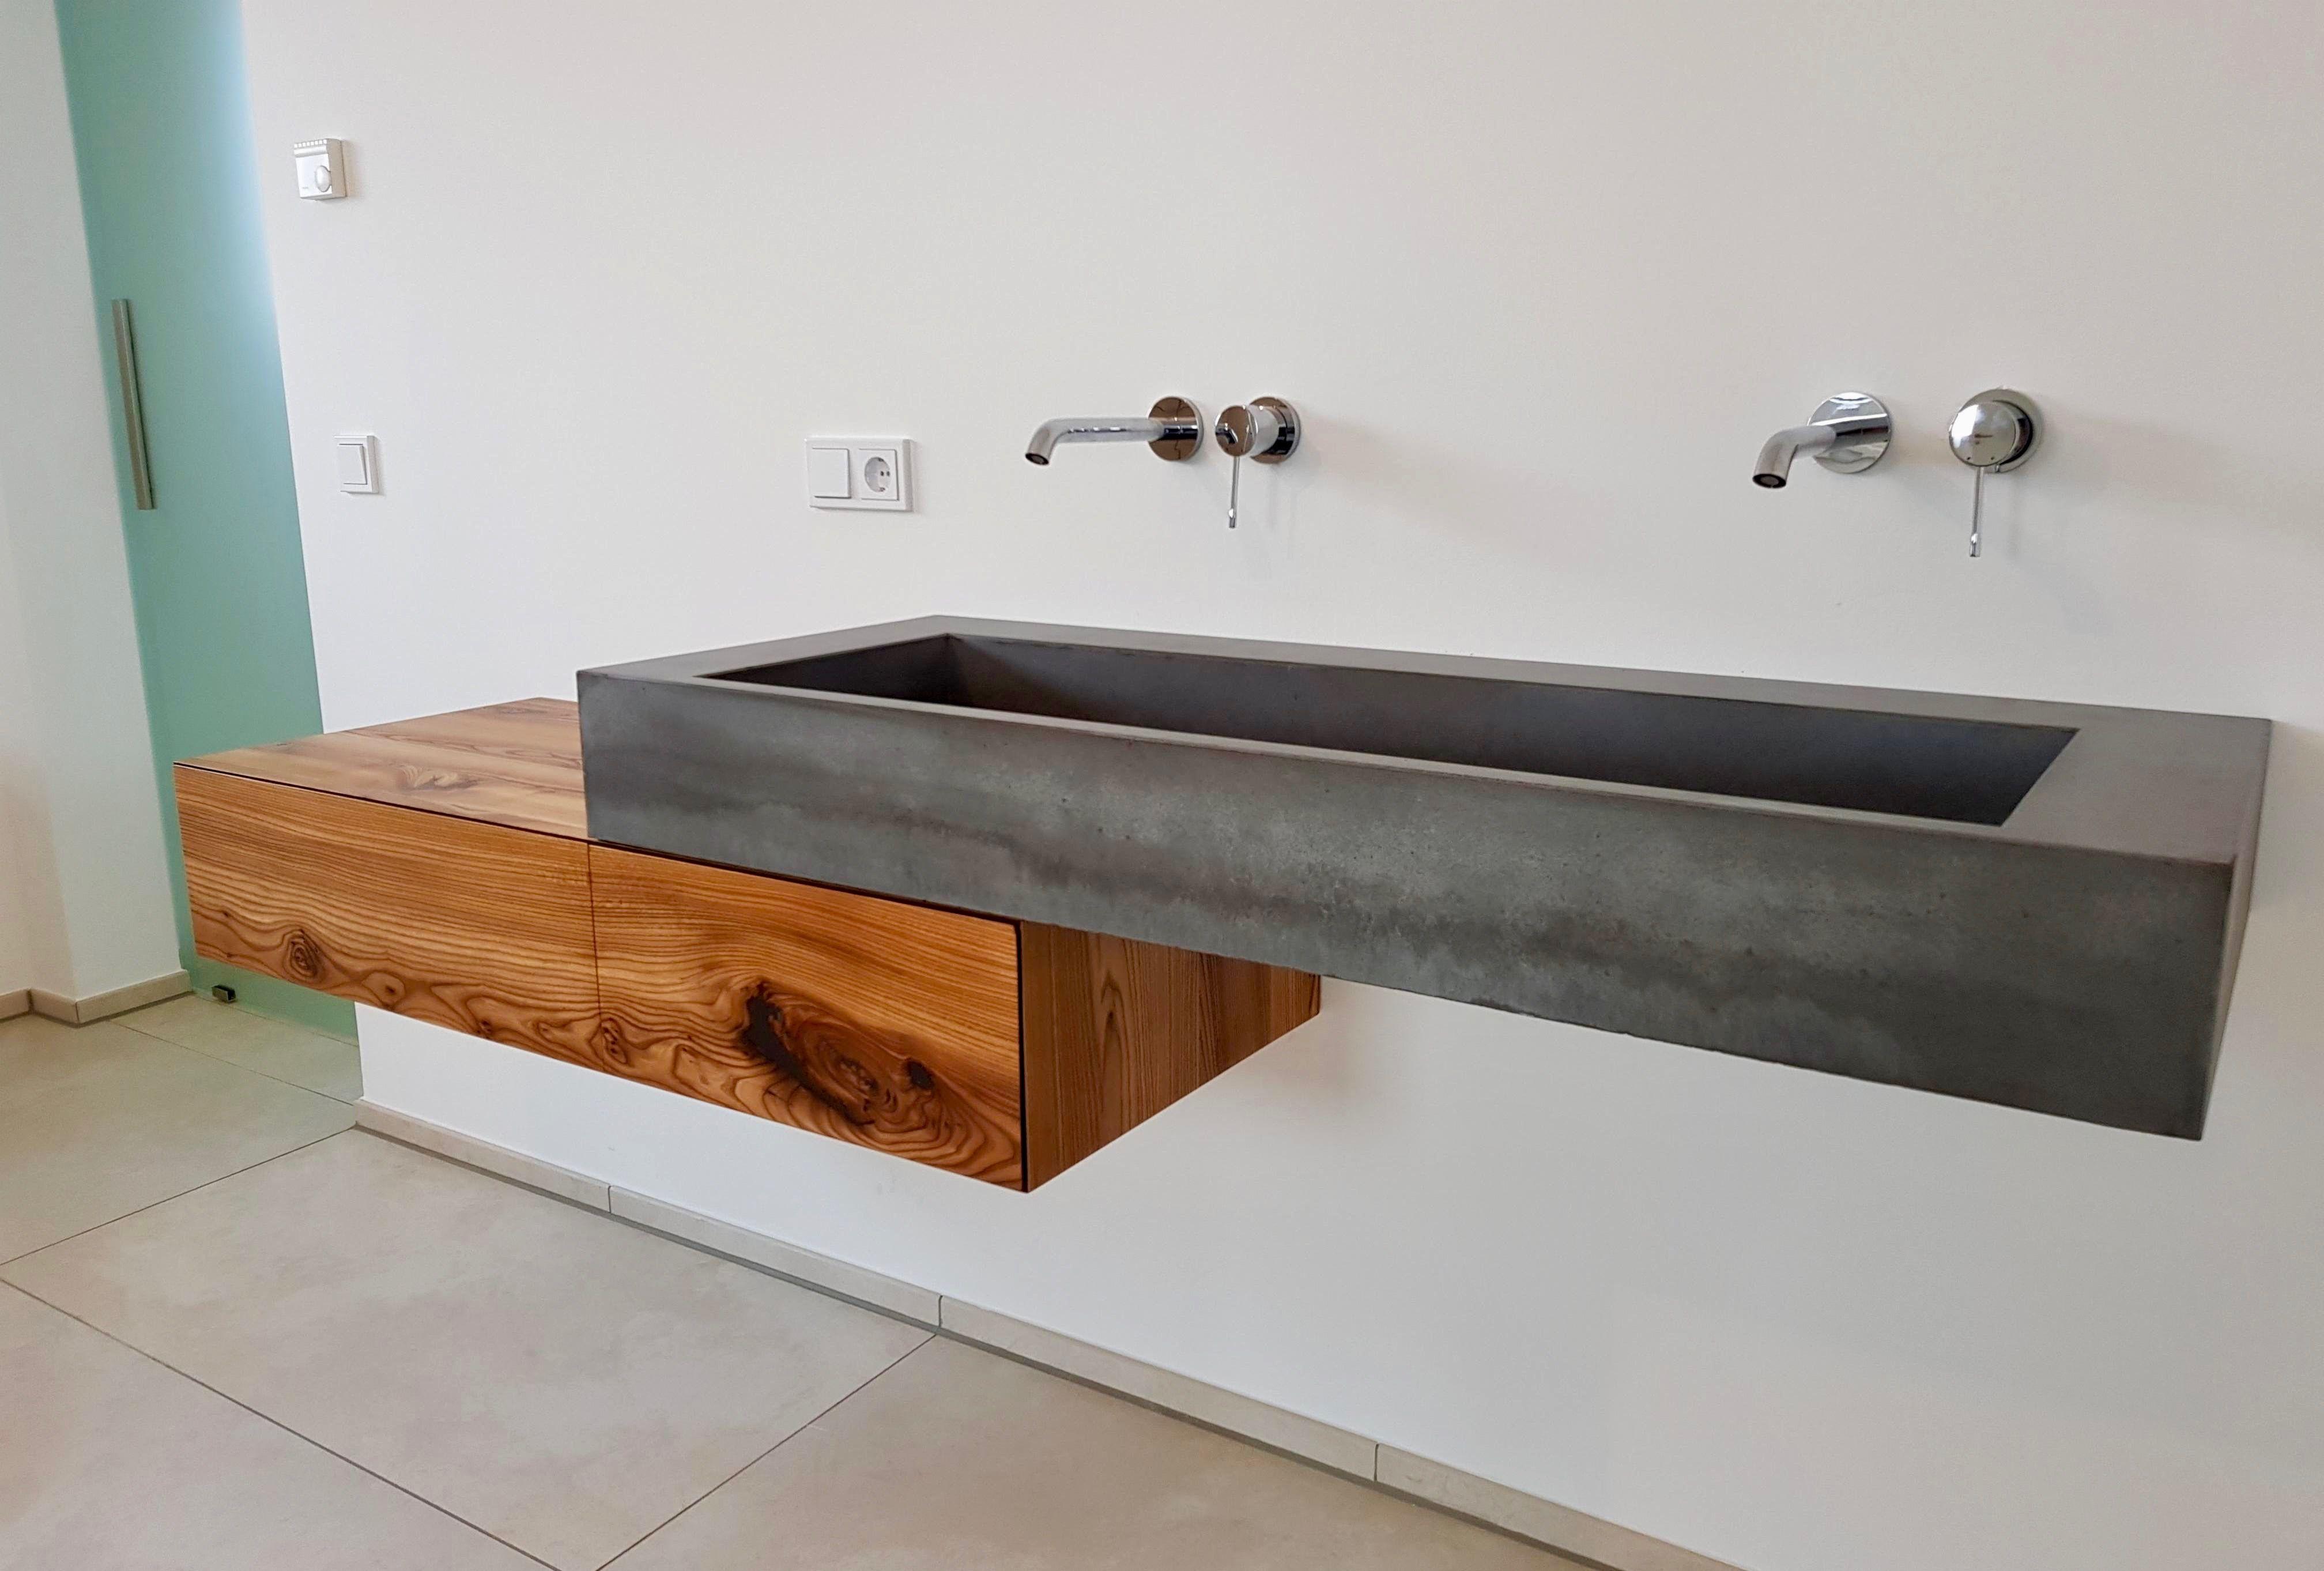 Unser Waschtisch Aus Unserem Xl Waschbecken In Beton Mit Eiche Unterschrank Begeistert Durch Badezimmer Ablage Unterschrank Waschbecken Badezimmer Einrichtung